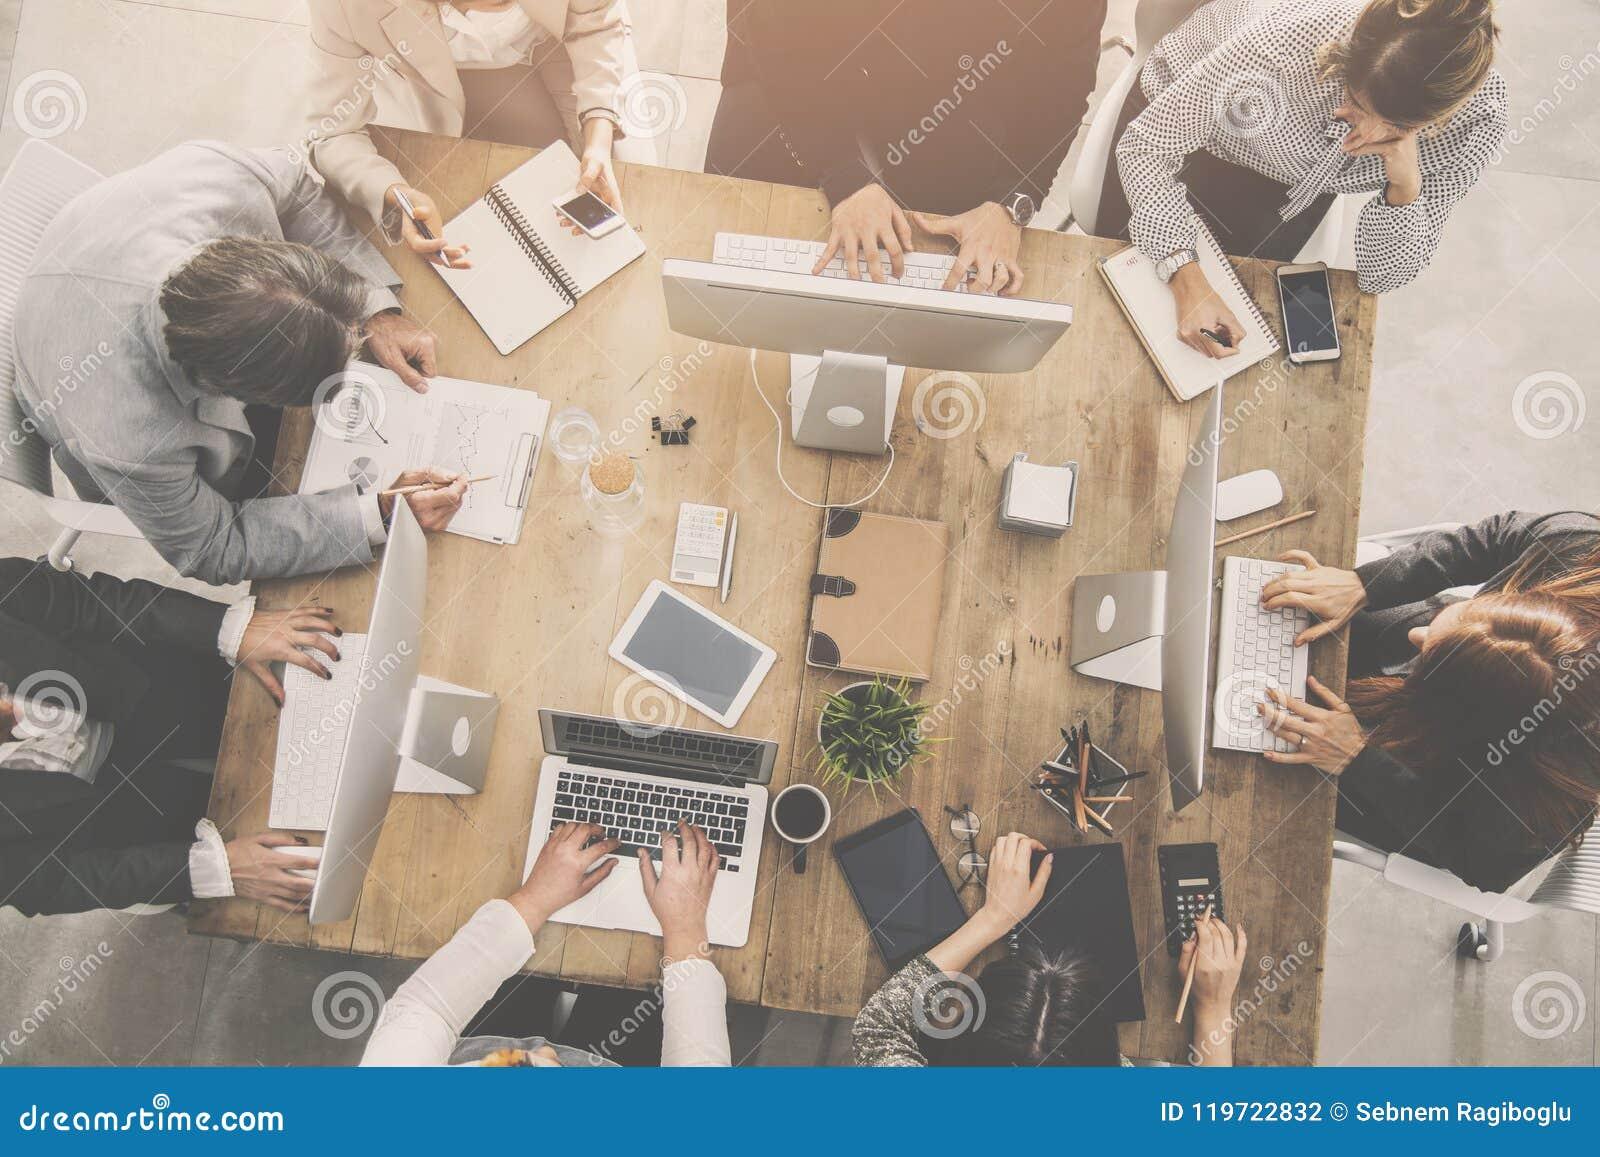 Povos que trabalham em torno de uma tabela